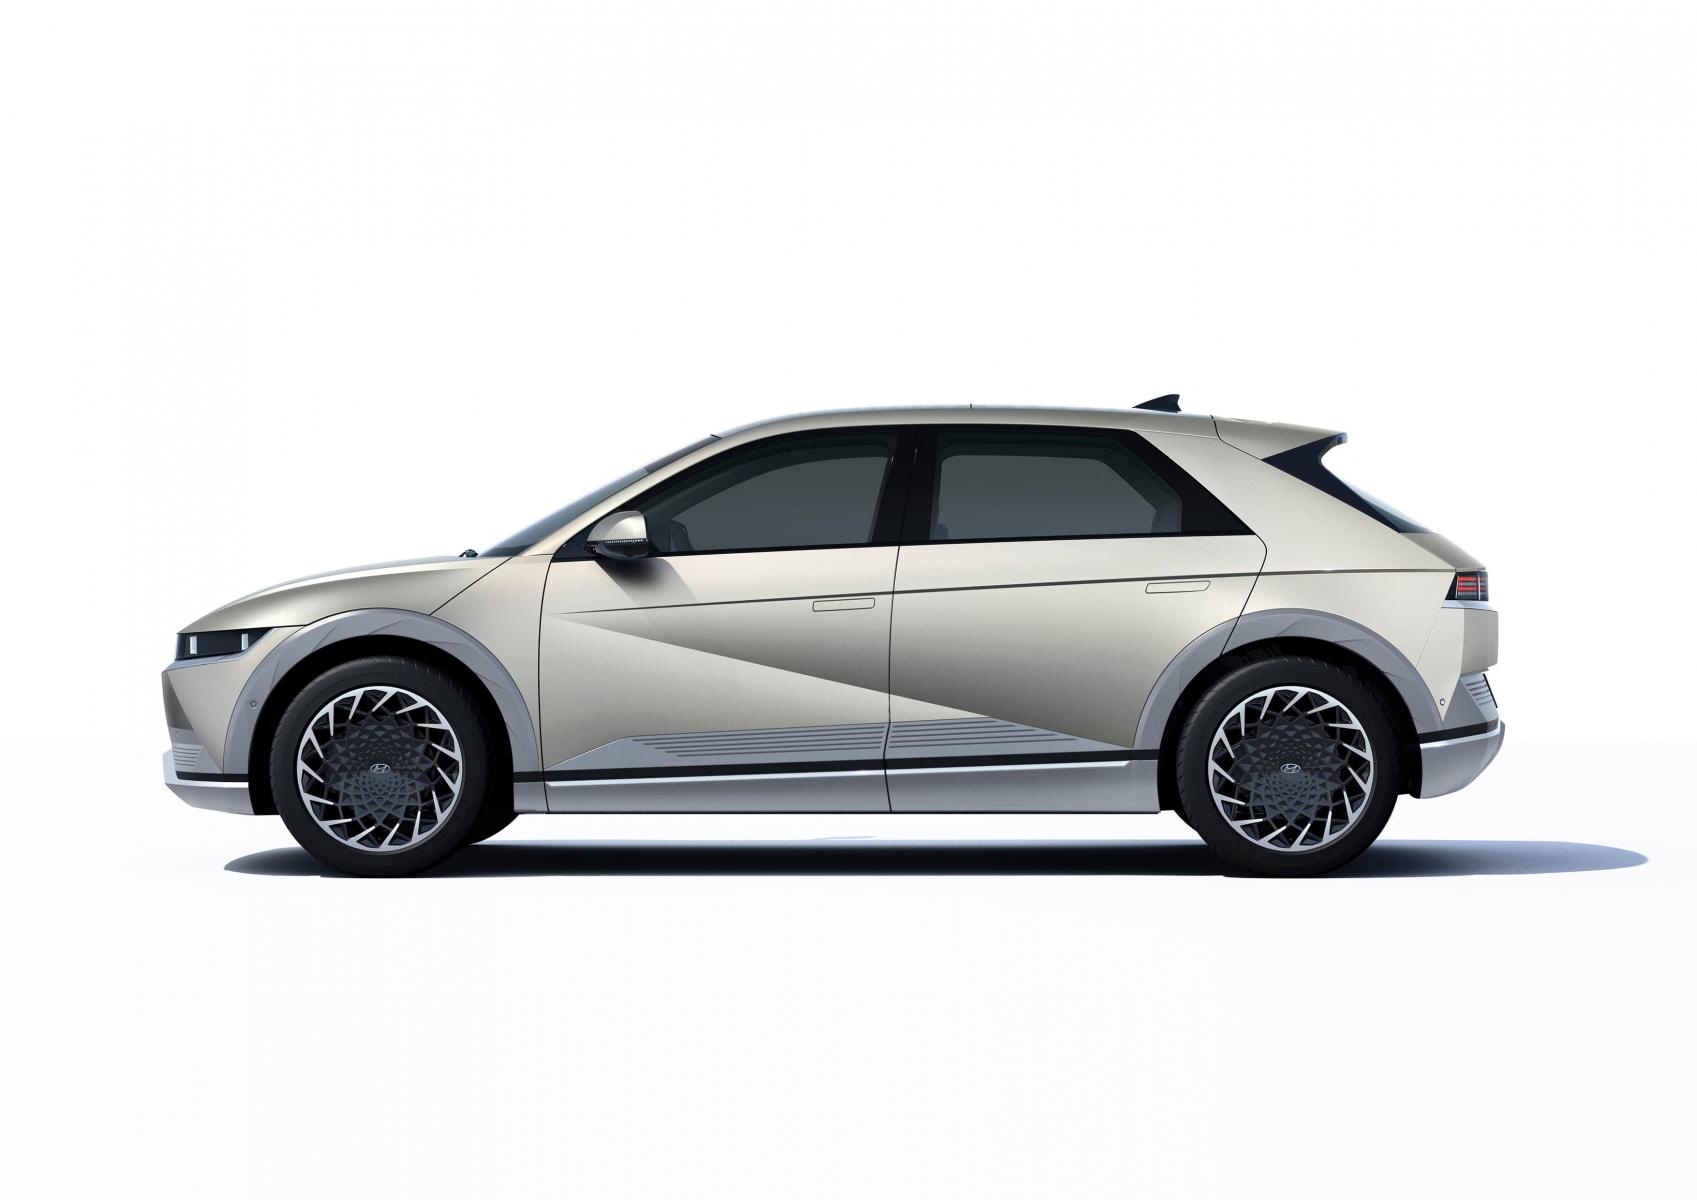 Hyundai IONIQ 5 переосмислює спосіб життя з електричною мобільністю | Автотрейдінг-Харків - фото 12